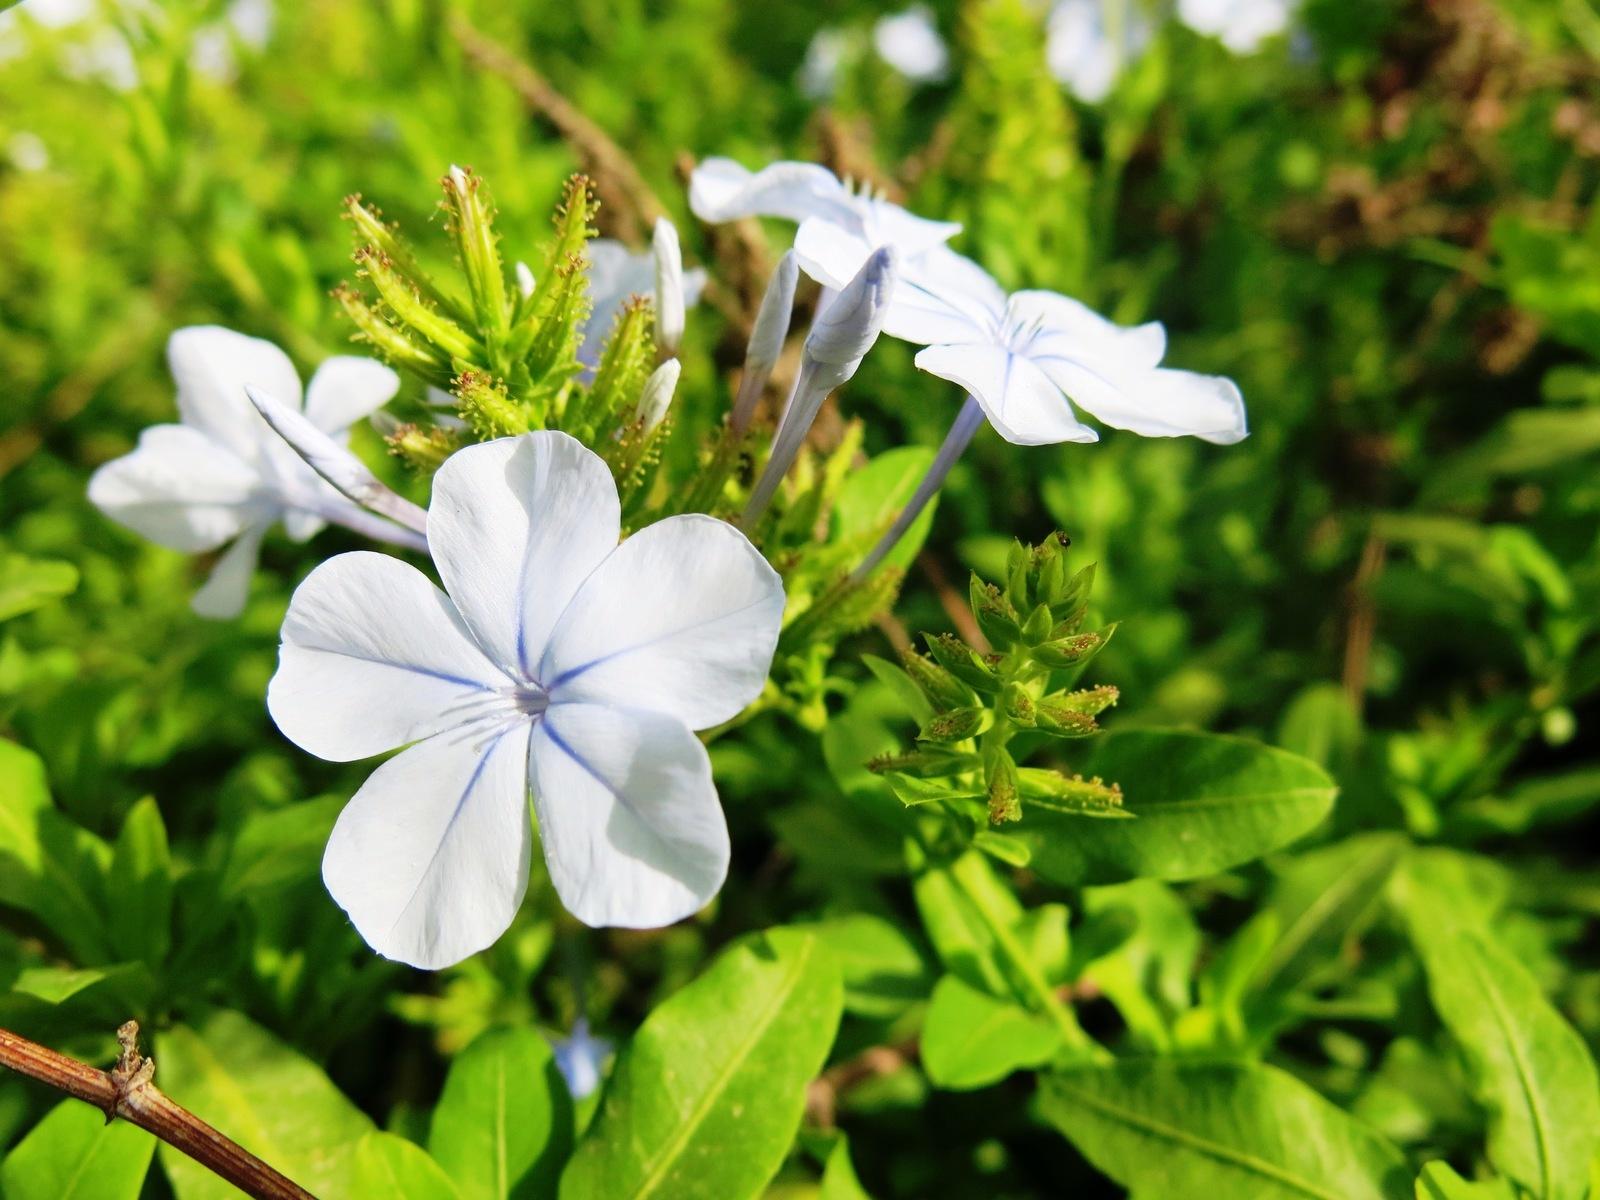 terre sainte en israel Faune et flore Jolie fleur blanche